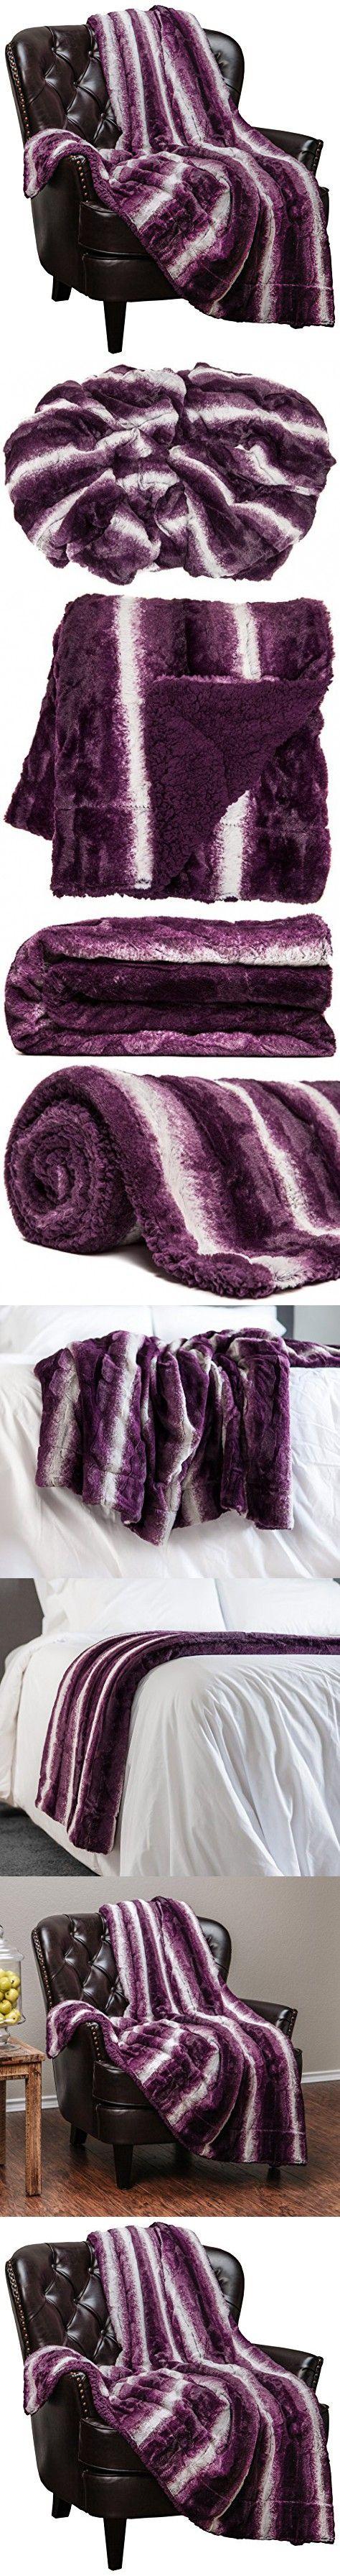 """Chanasya Super Soft Fuzzy Fur Elegant Faux Fur Falling Leaf Pattern With Fluffy Plush Sherpa Cozy Warm Purple Throw Blanket (50"""" x 65"""") - Violet Aubergine and White"""